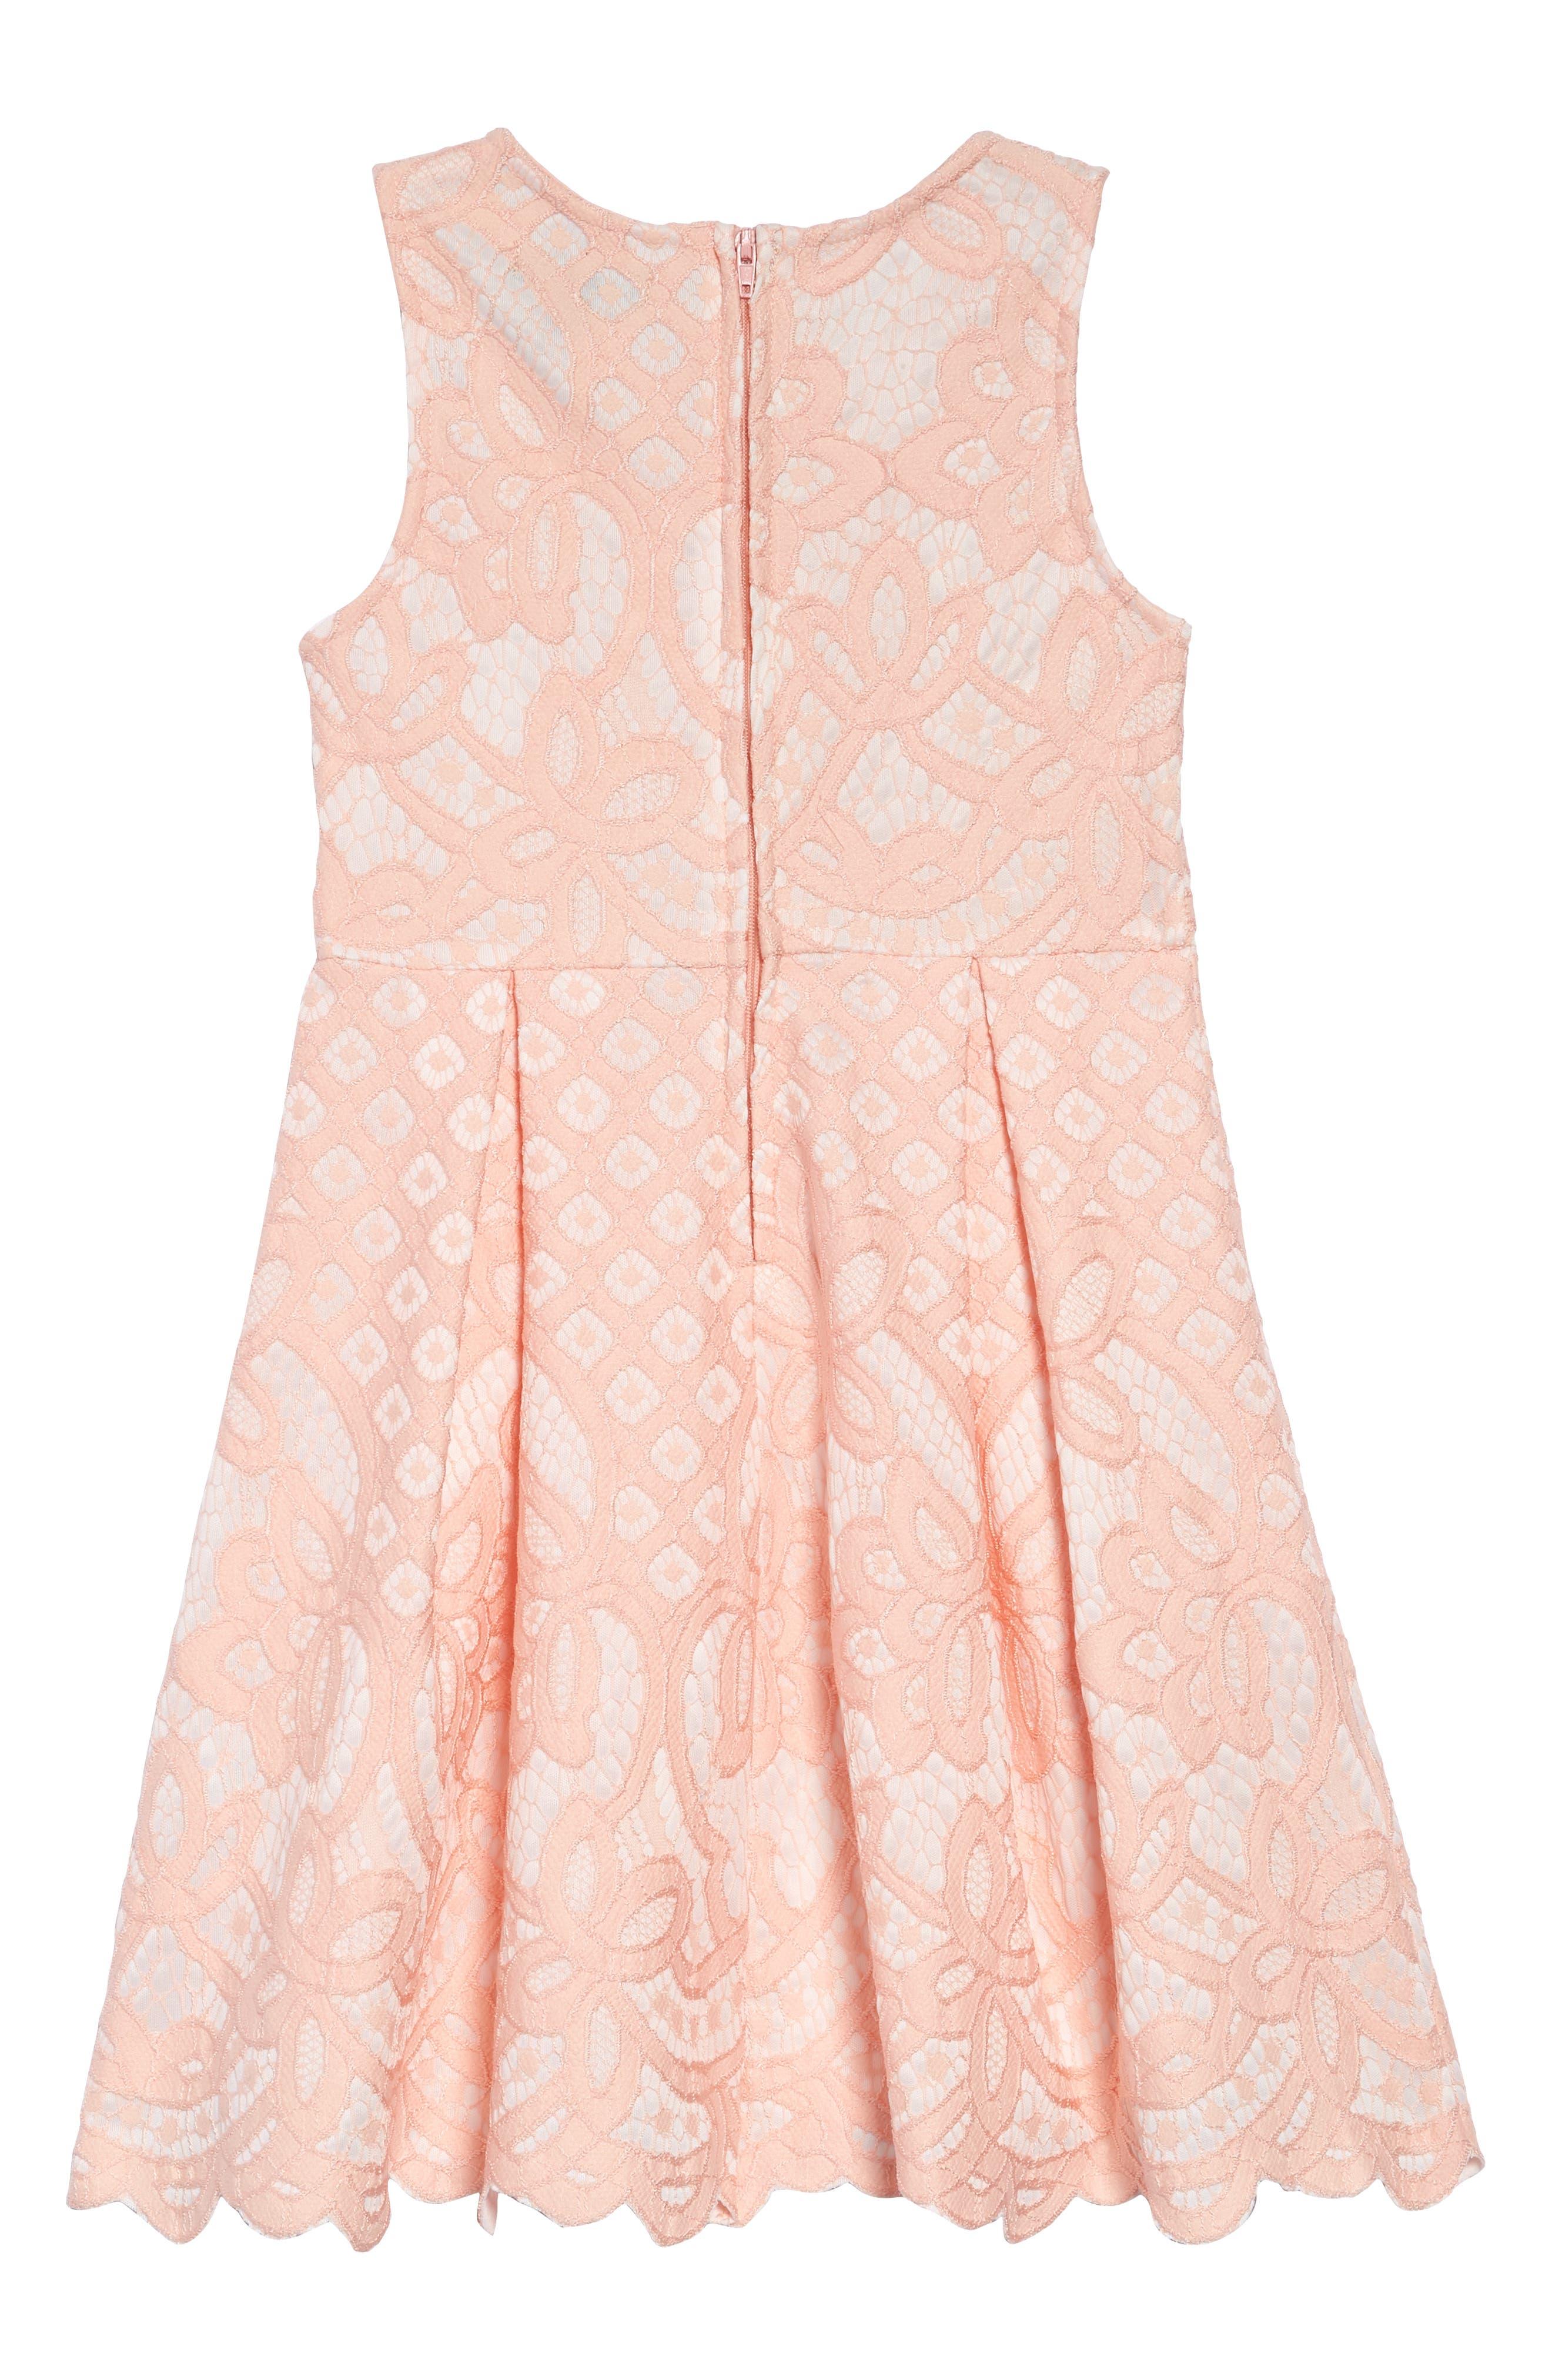 Two Tone Lace Dress,                             Alternate thumbnail 2, color,                             BLUSH